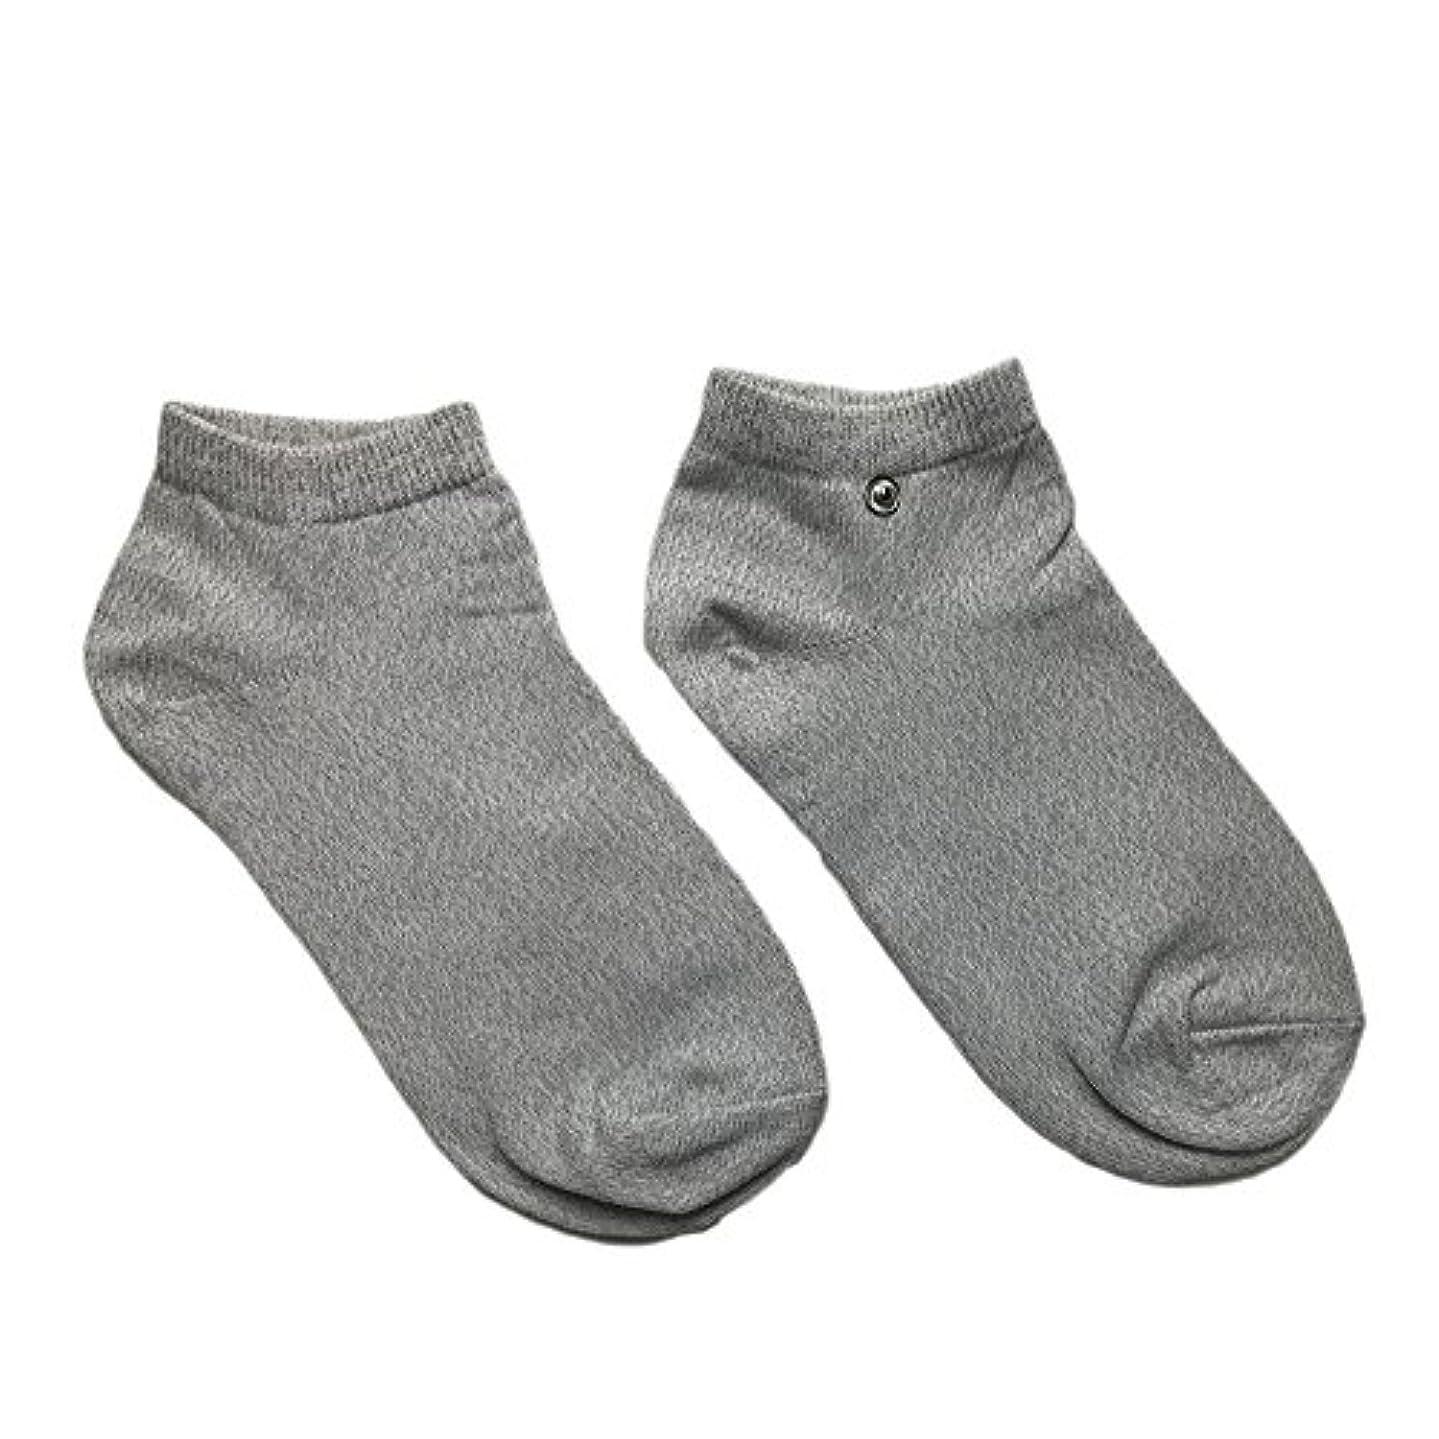 熱心ジャベスウィルソン疲労riraku-life(??????) 大地と繋がるアーシング健康法用 アーシングソックス(low) 導電性靴下 (L)